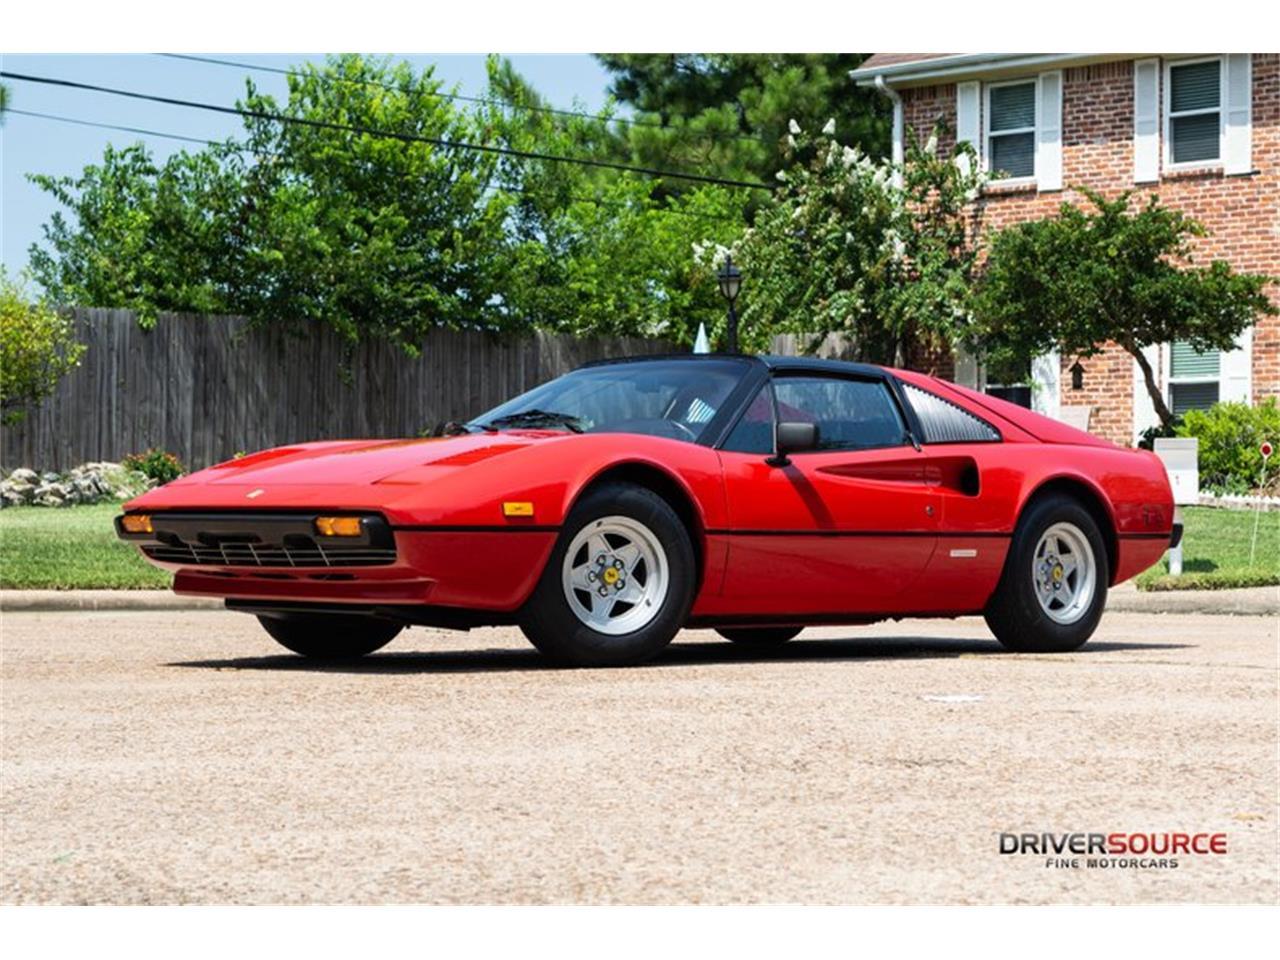 Ferrari 308 Gts For Sale >> 1978 Ferrari 308 Gts For Sale Classiccars Com Cc 1220436